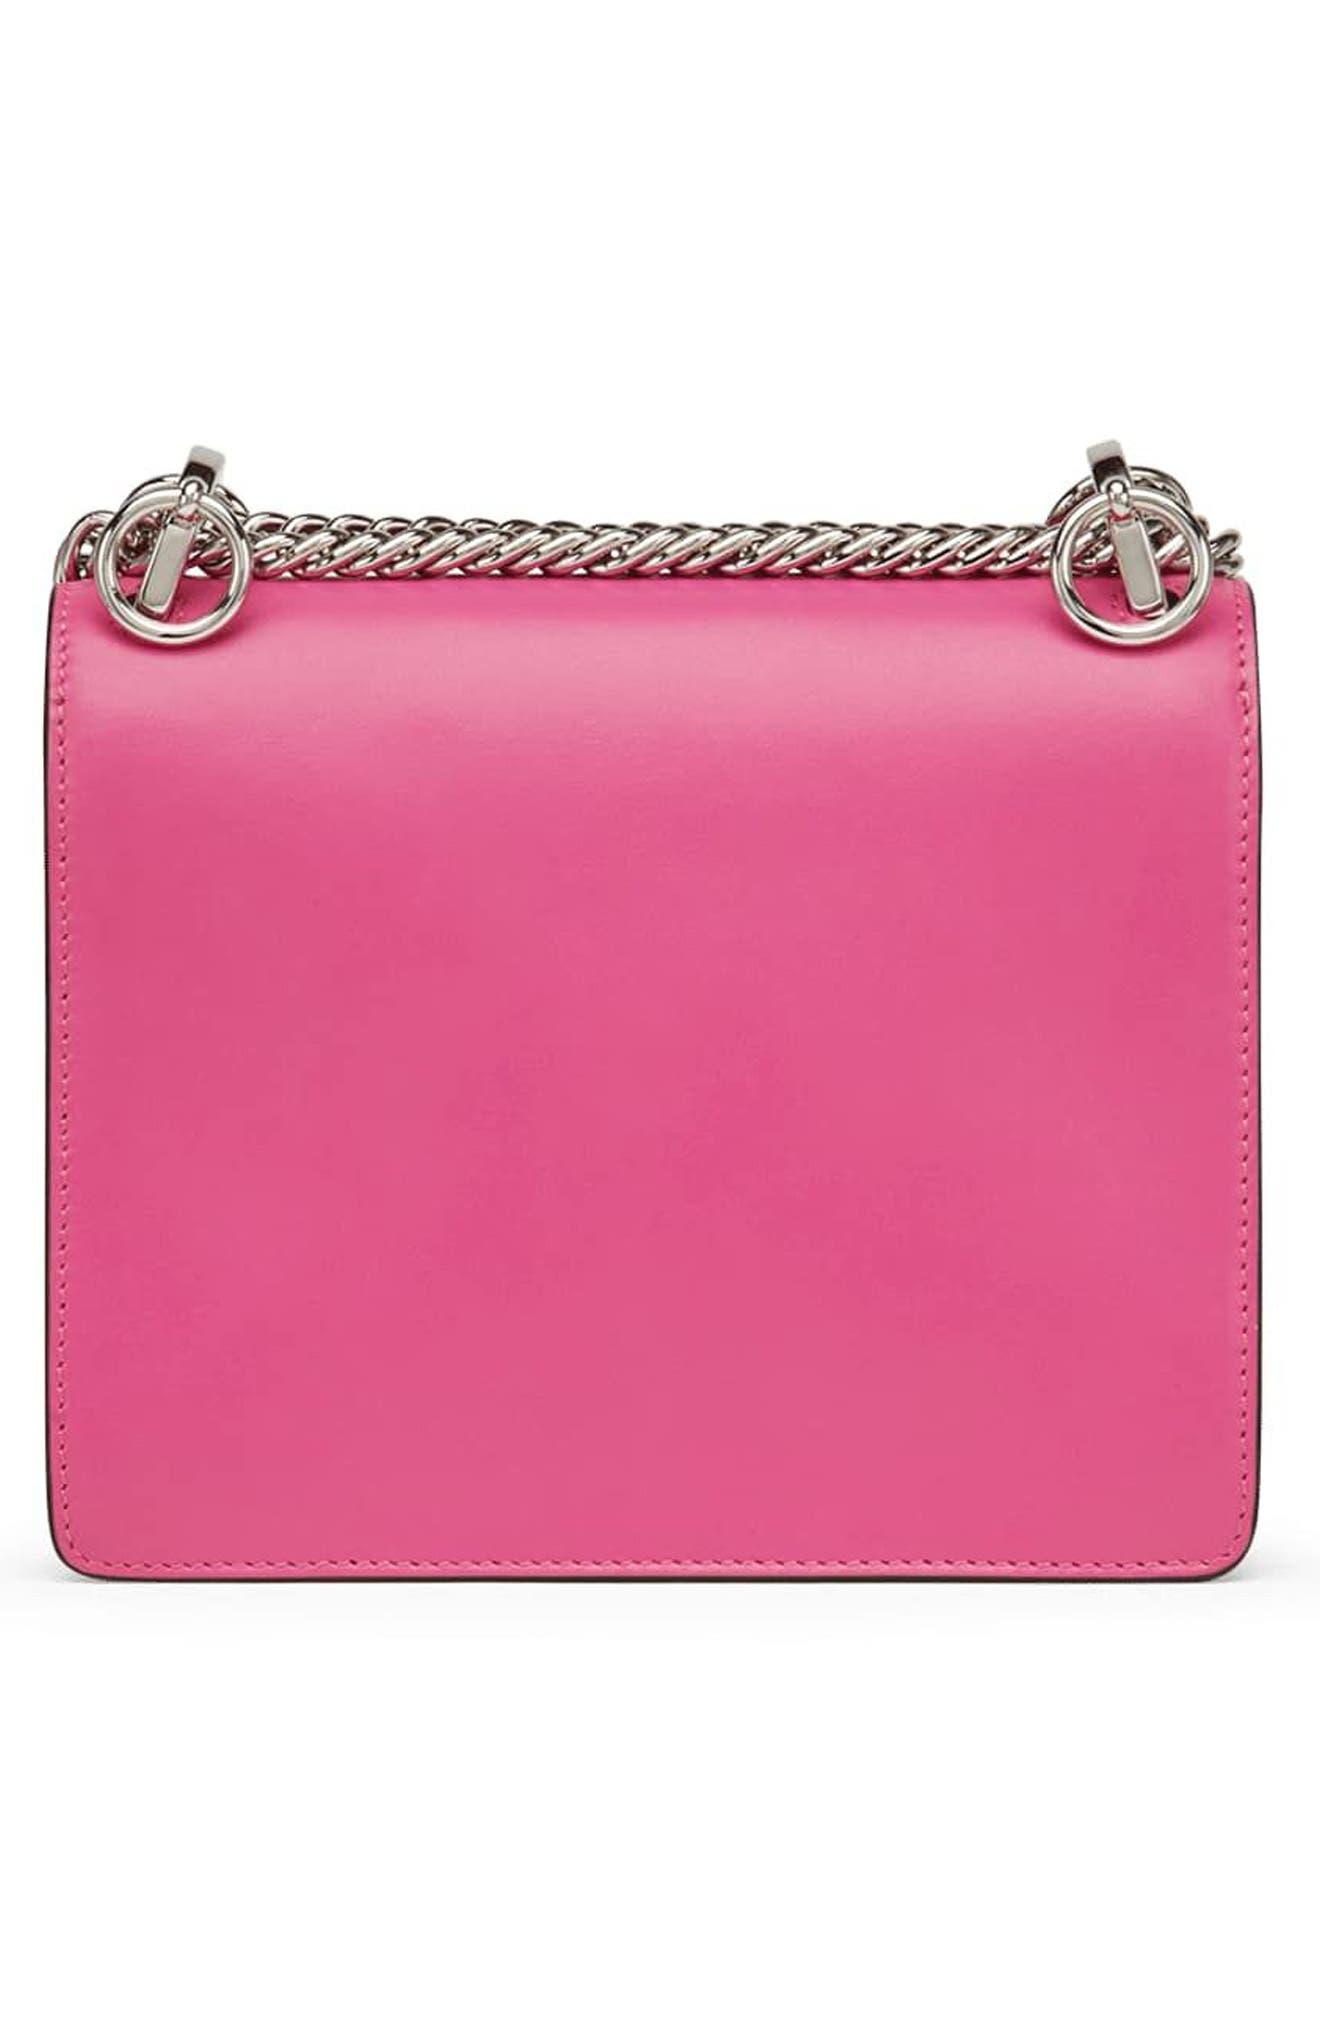 Alternate Image 2  - Fendi Small Kan I Leather Shoulder Bag